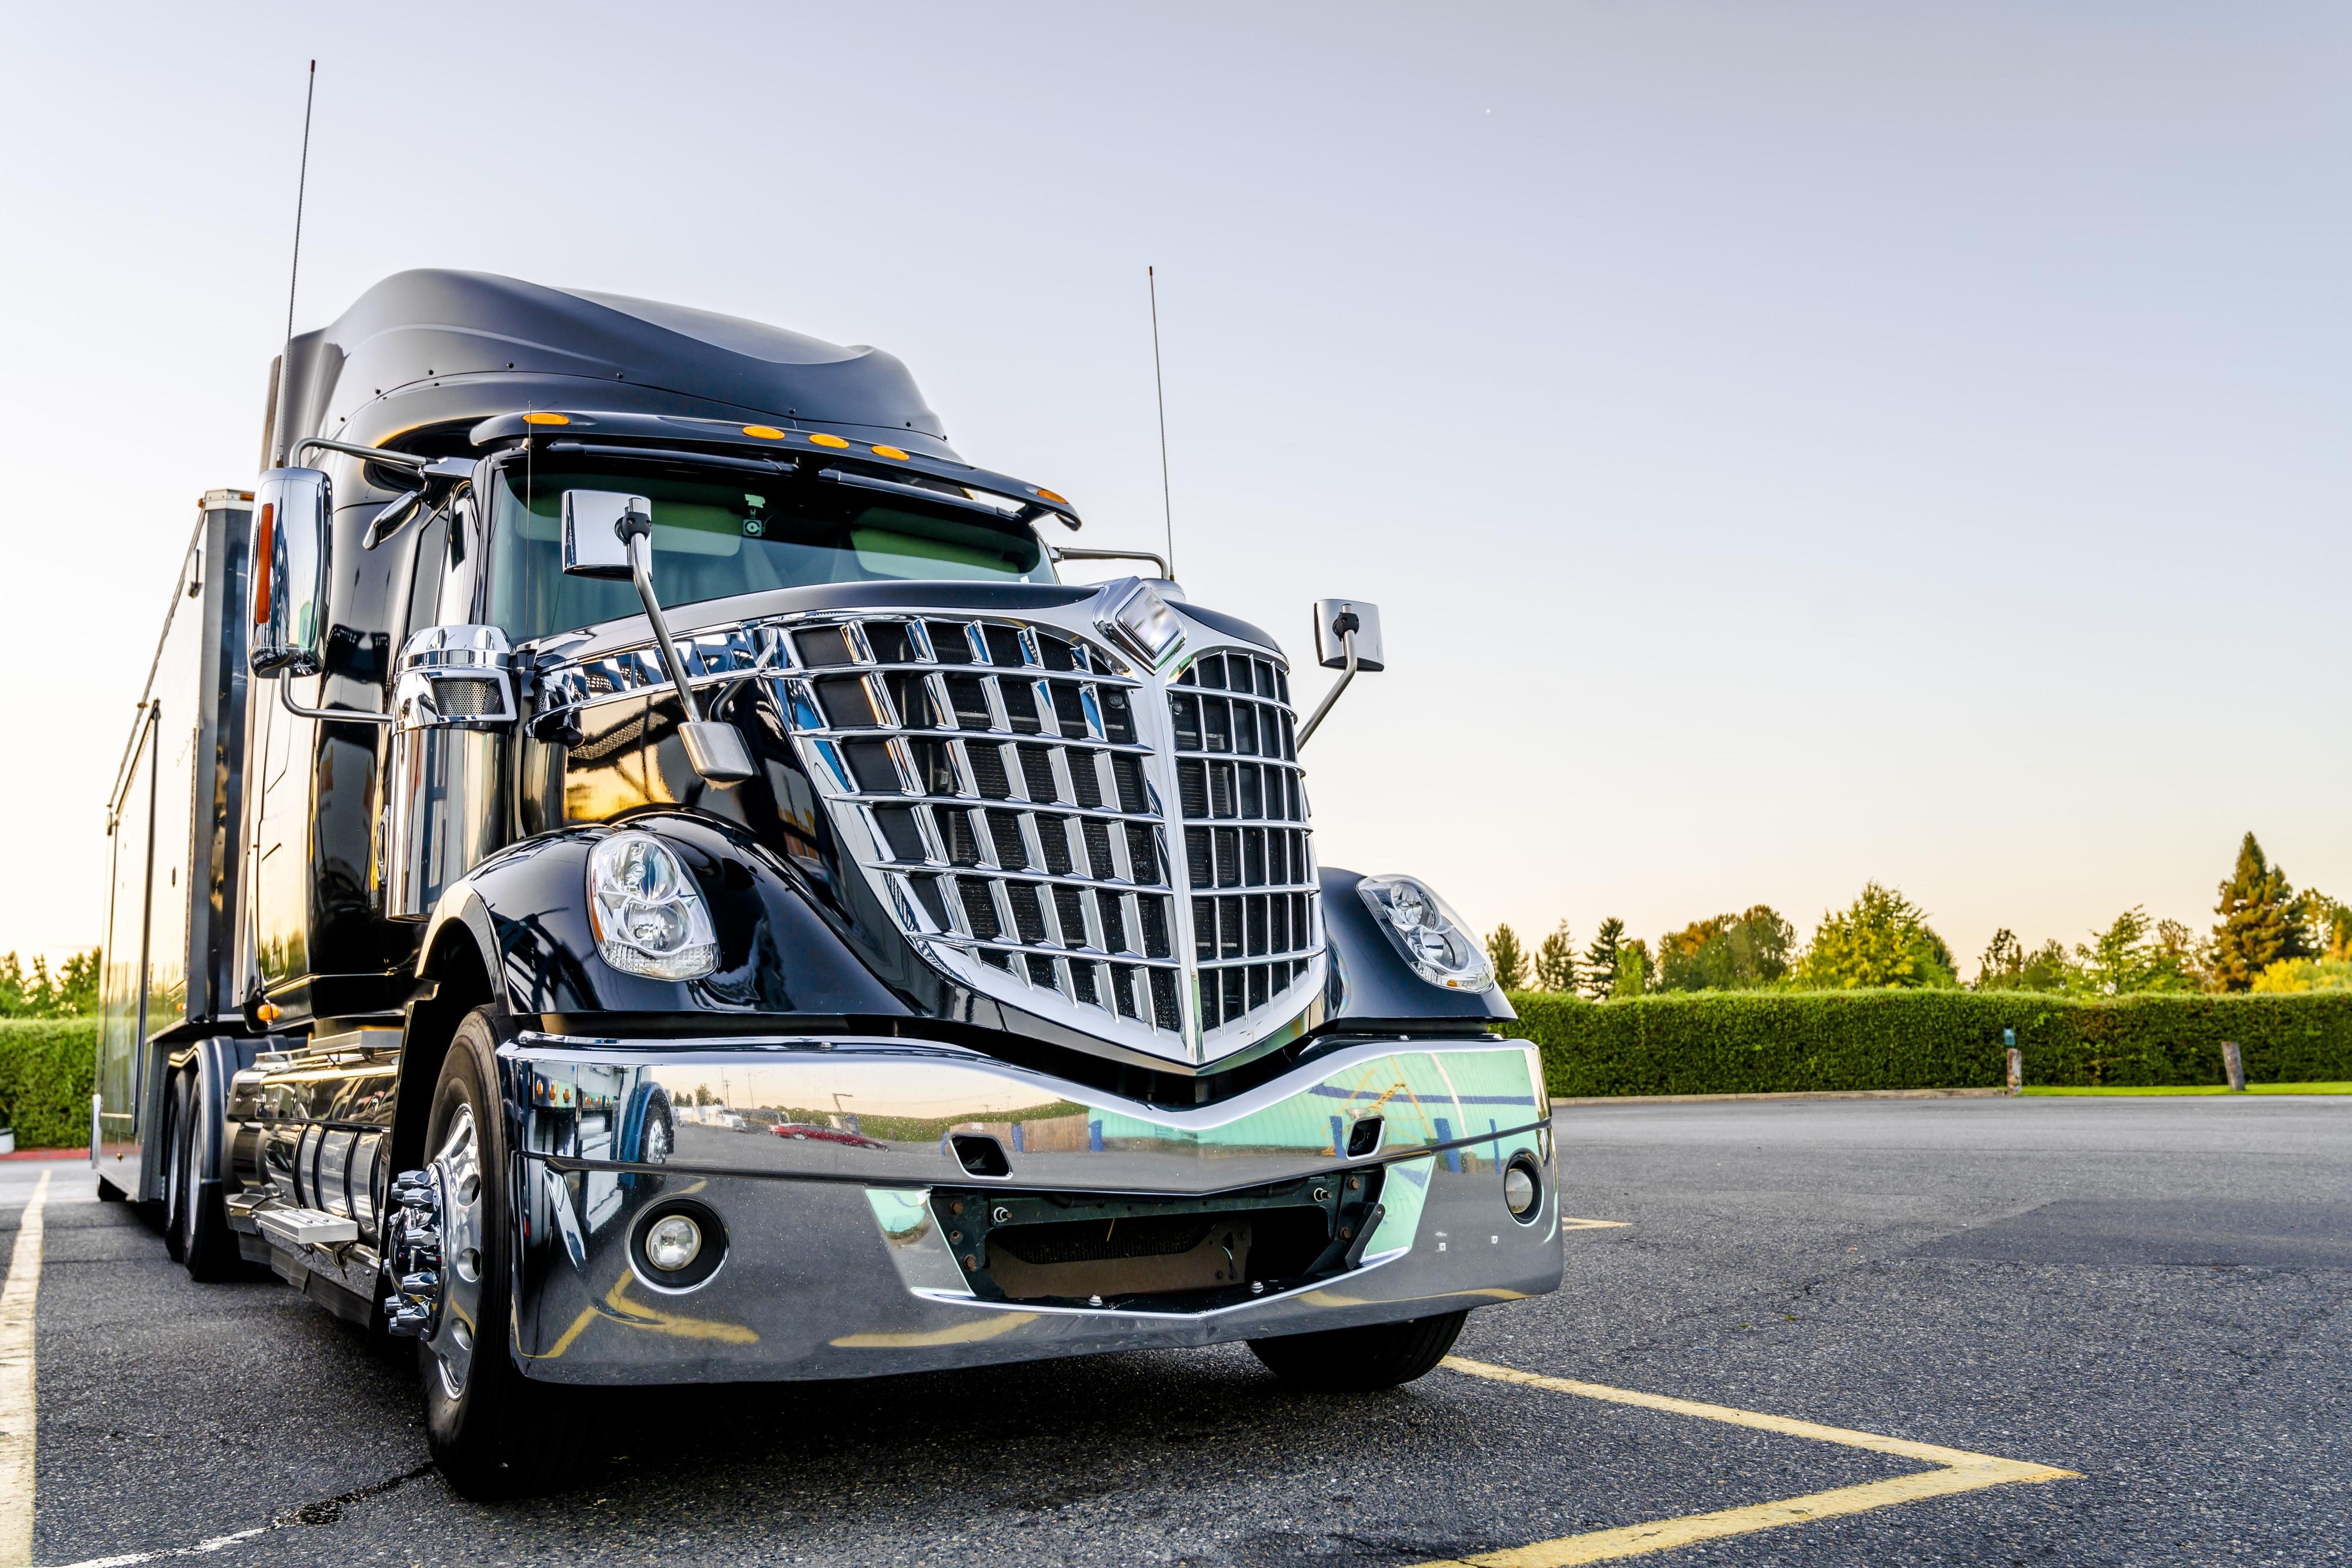 Tuning en Camiones: ¿también en España? | Trabajo de Chófer de Camión